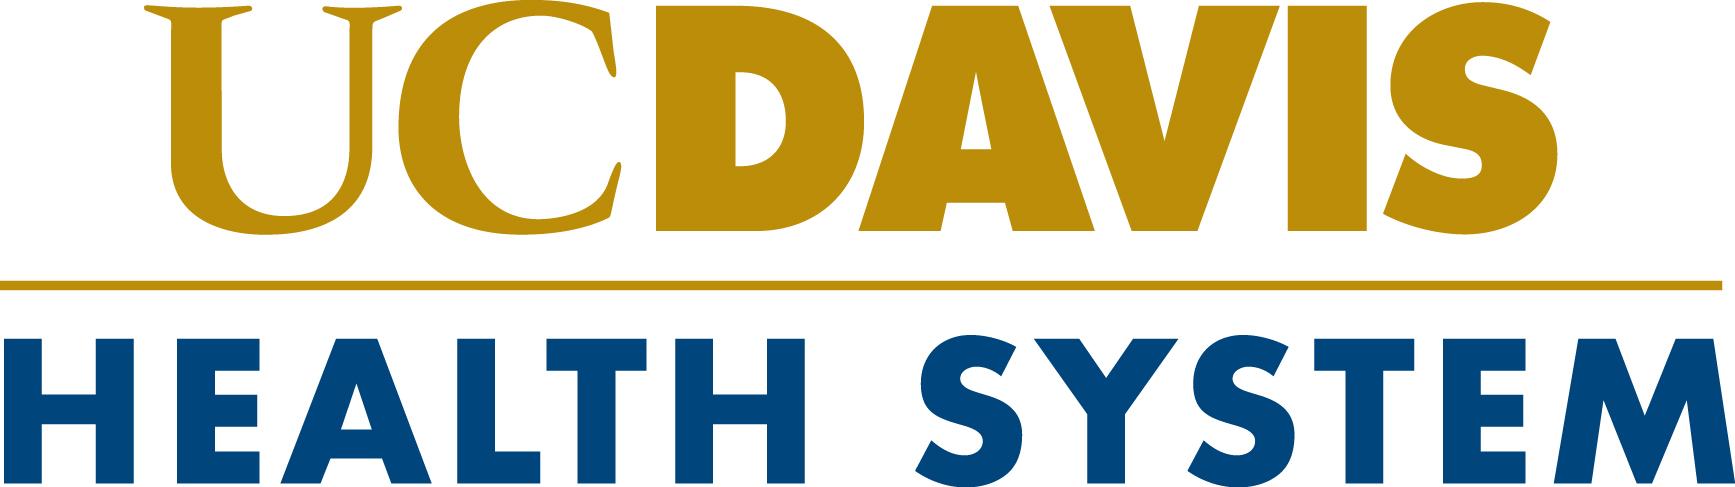 UCD_HealthSystem_RGB.jpg